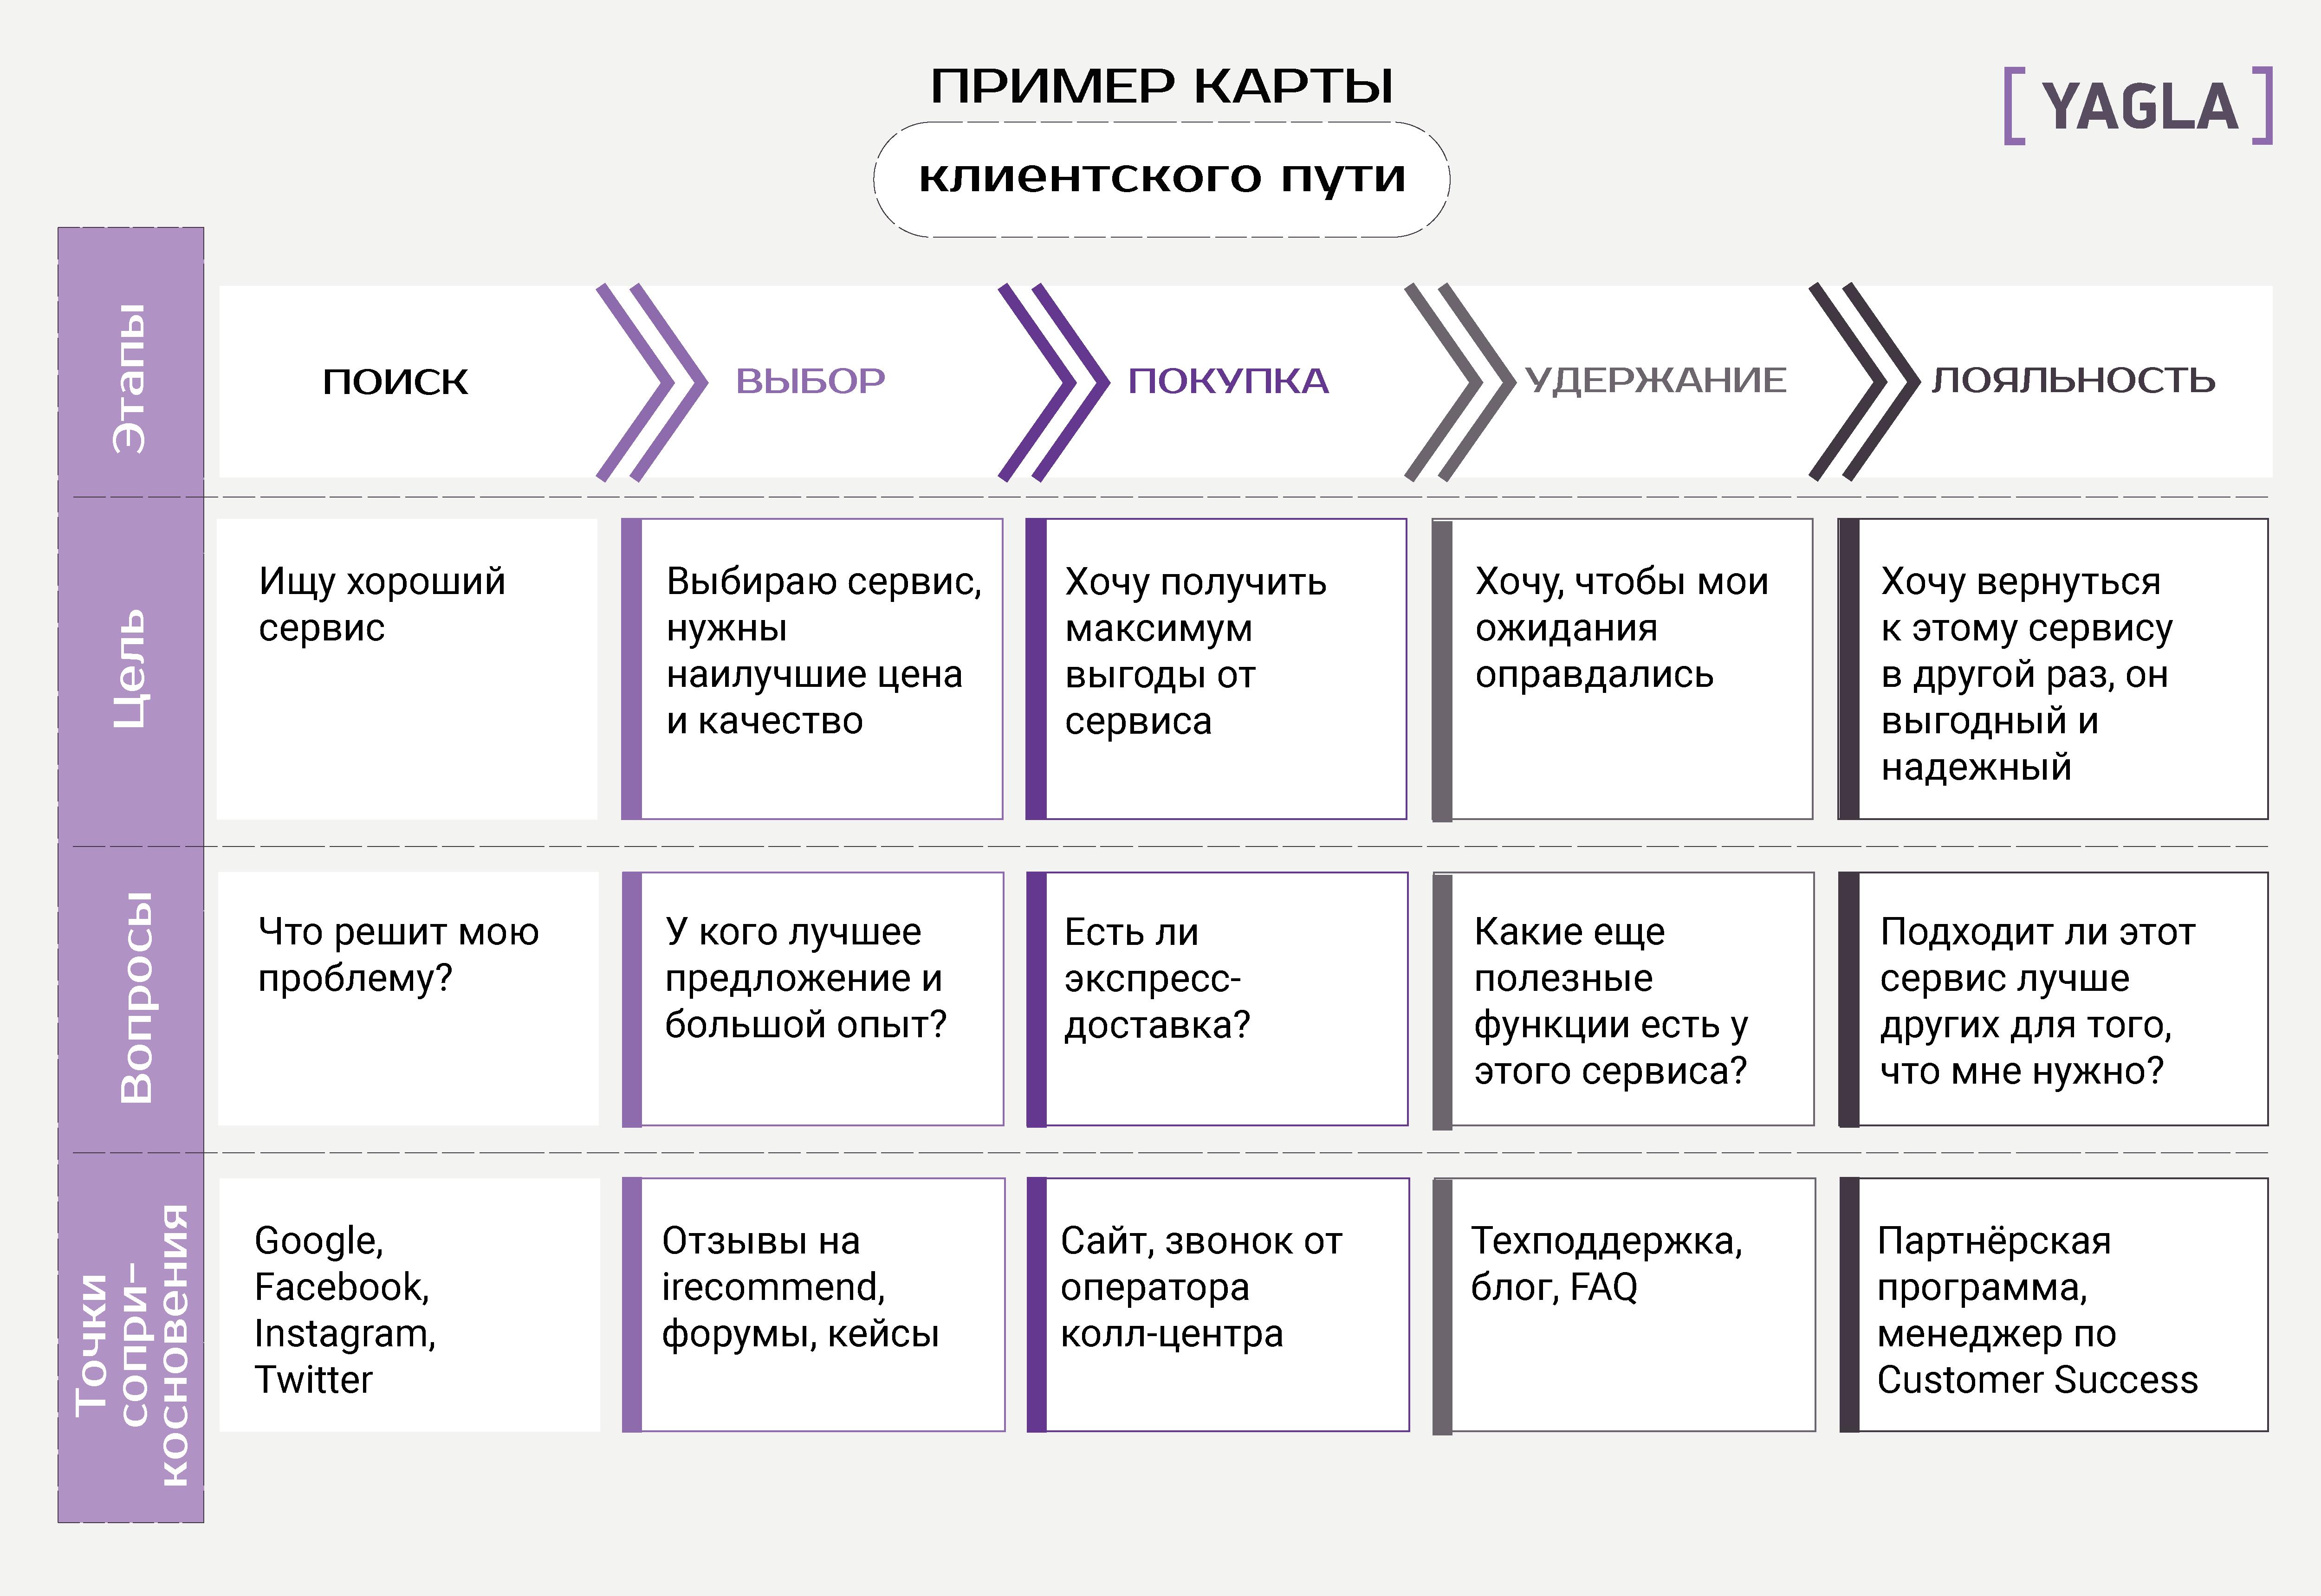 Пример карты клиентского пути